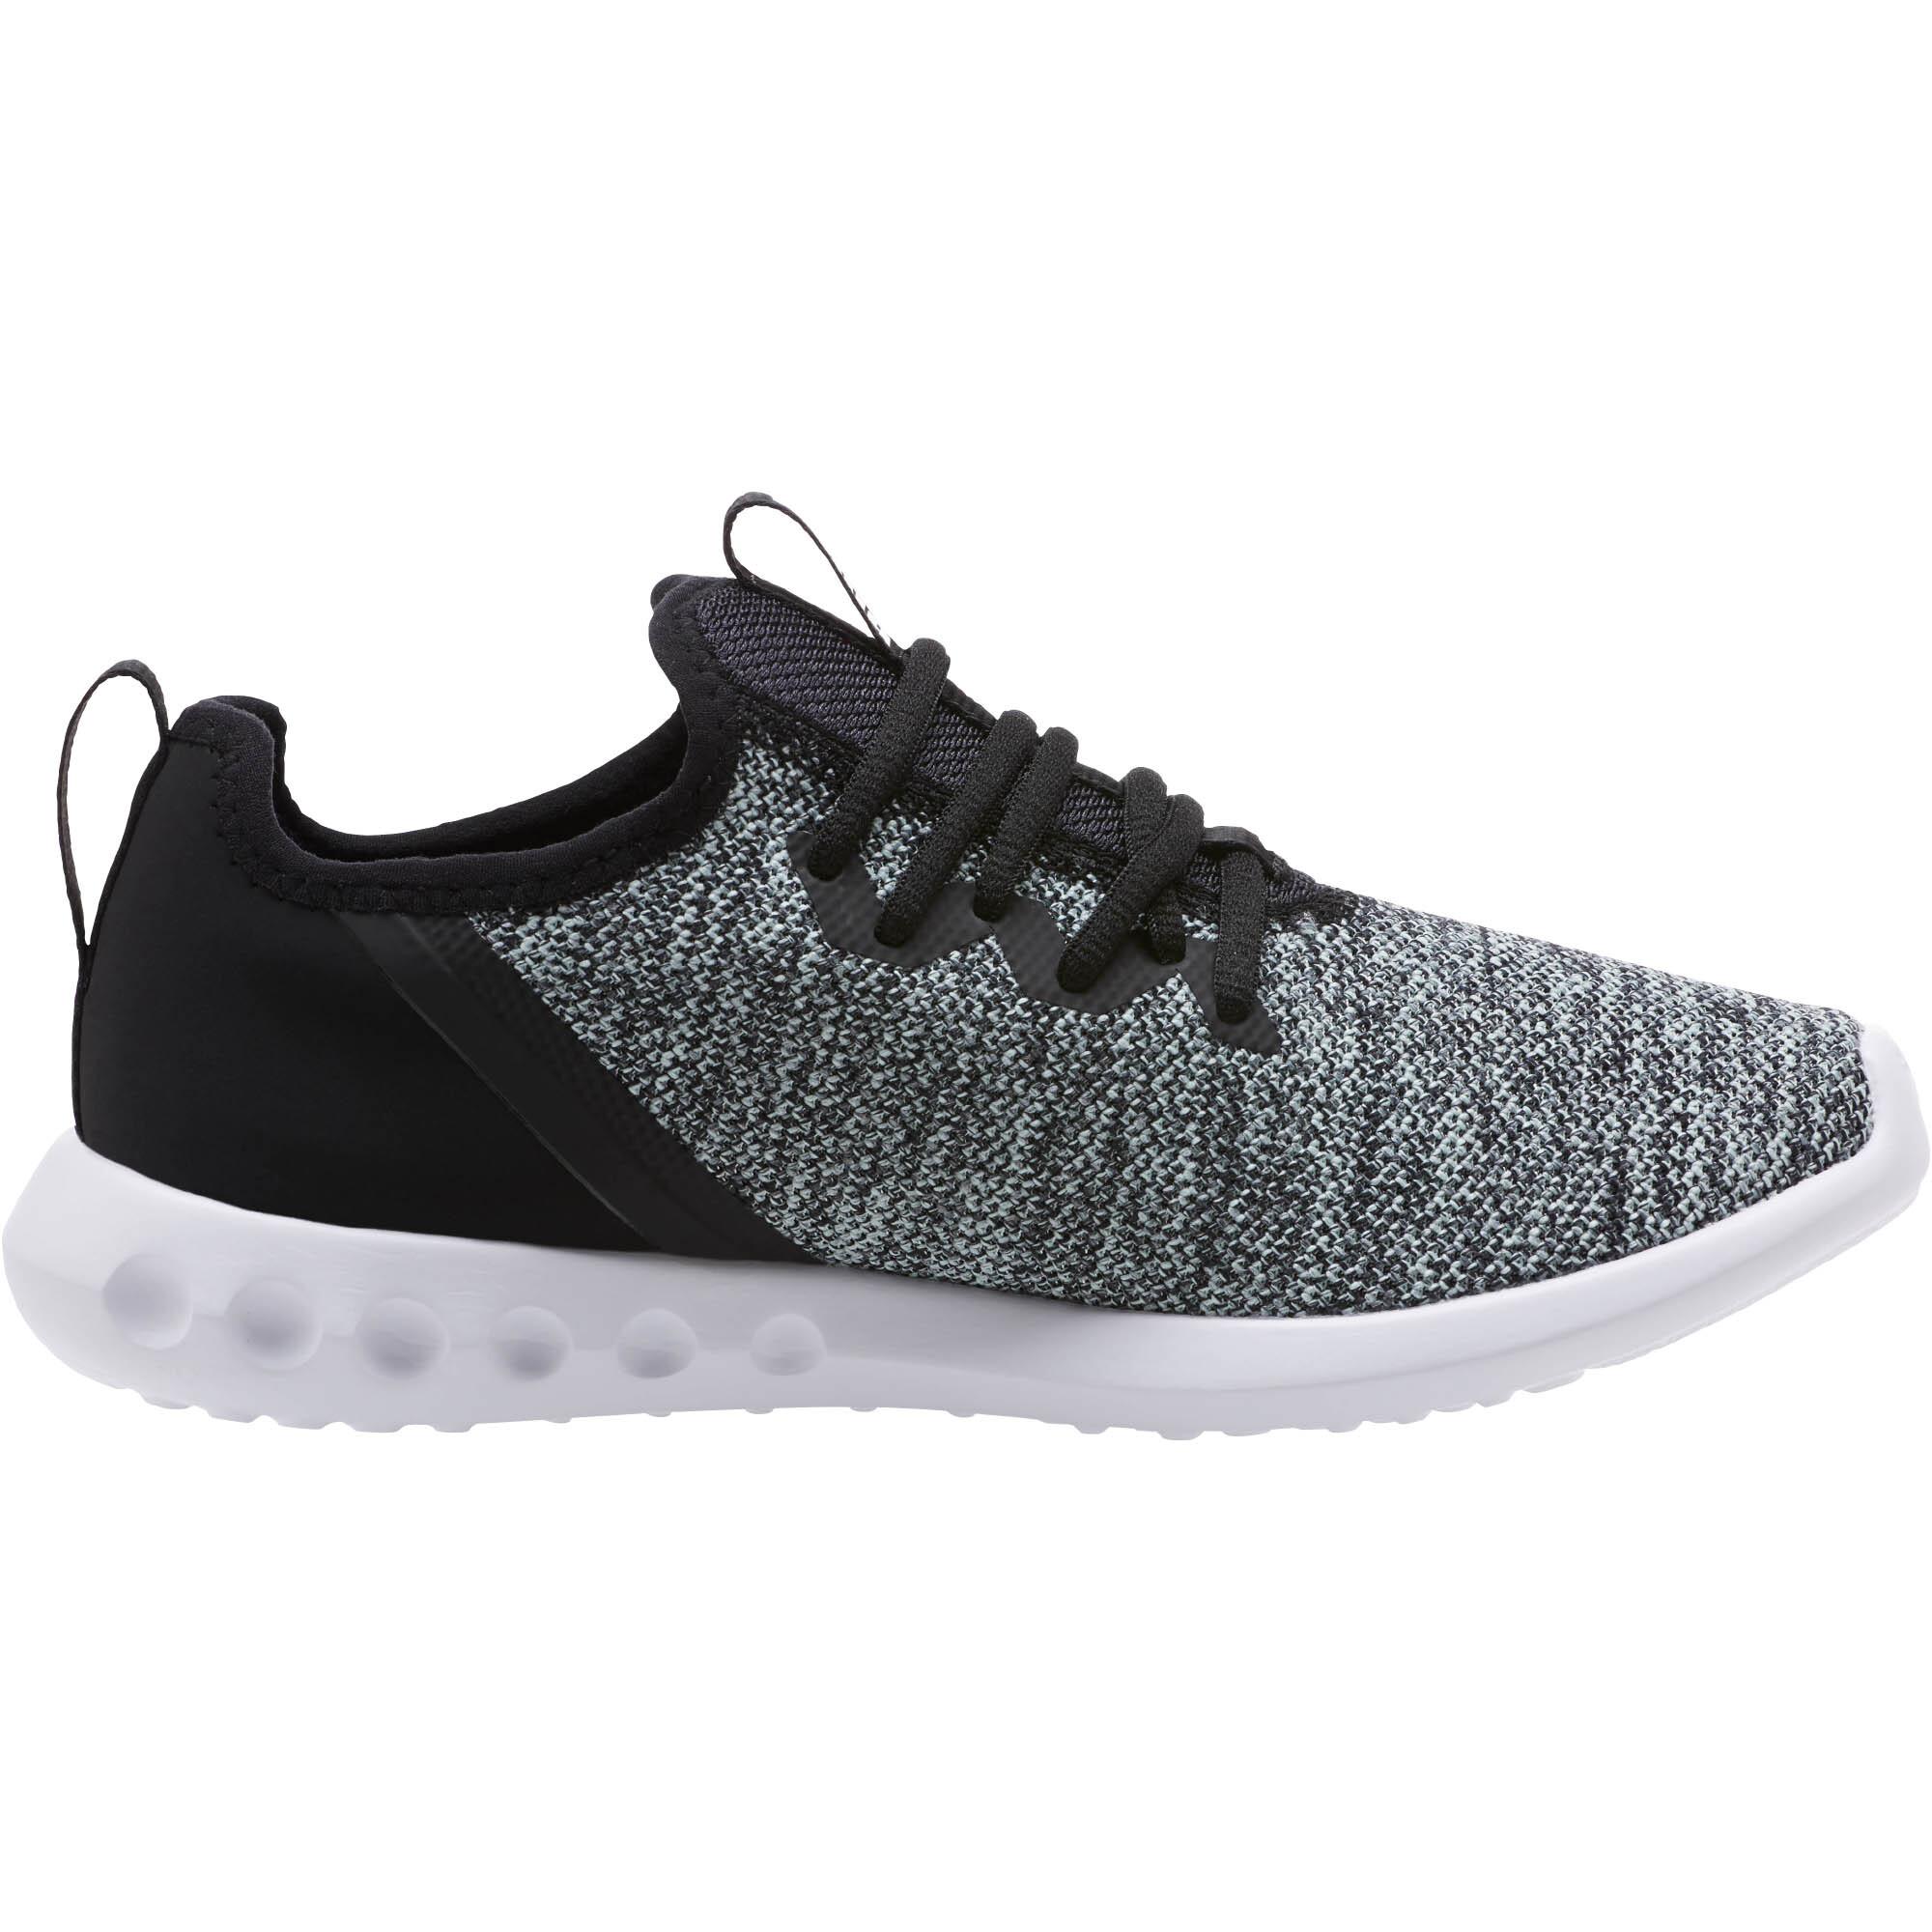 PUMA-Carson-2-X-Knit-Women-s-Running-Shoes-Women-Shoe-Running thumbnail 12